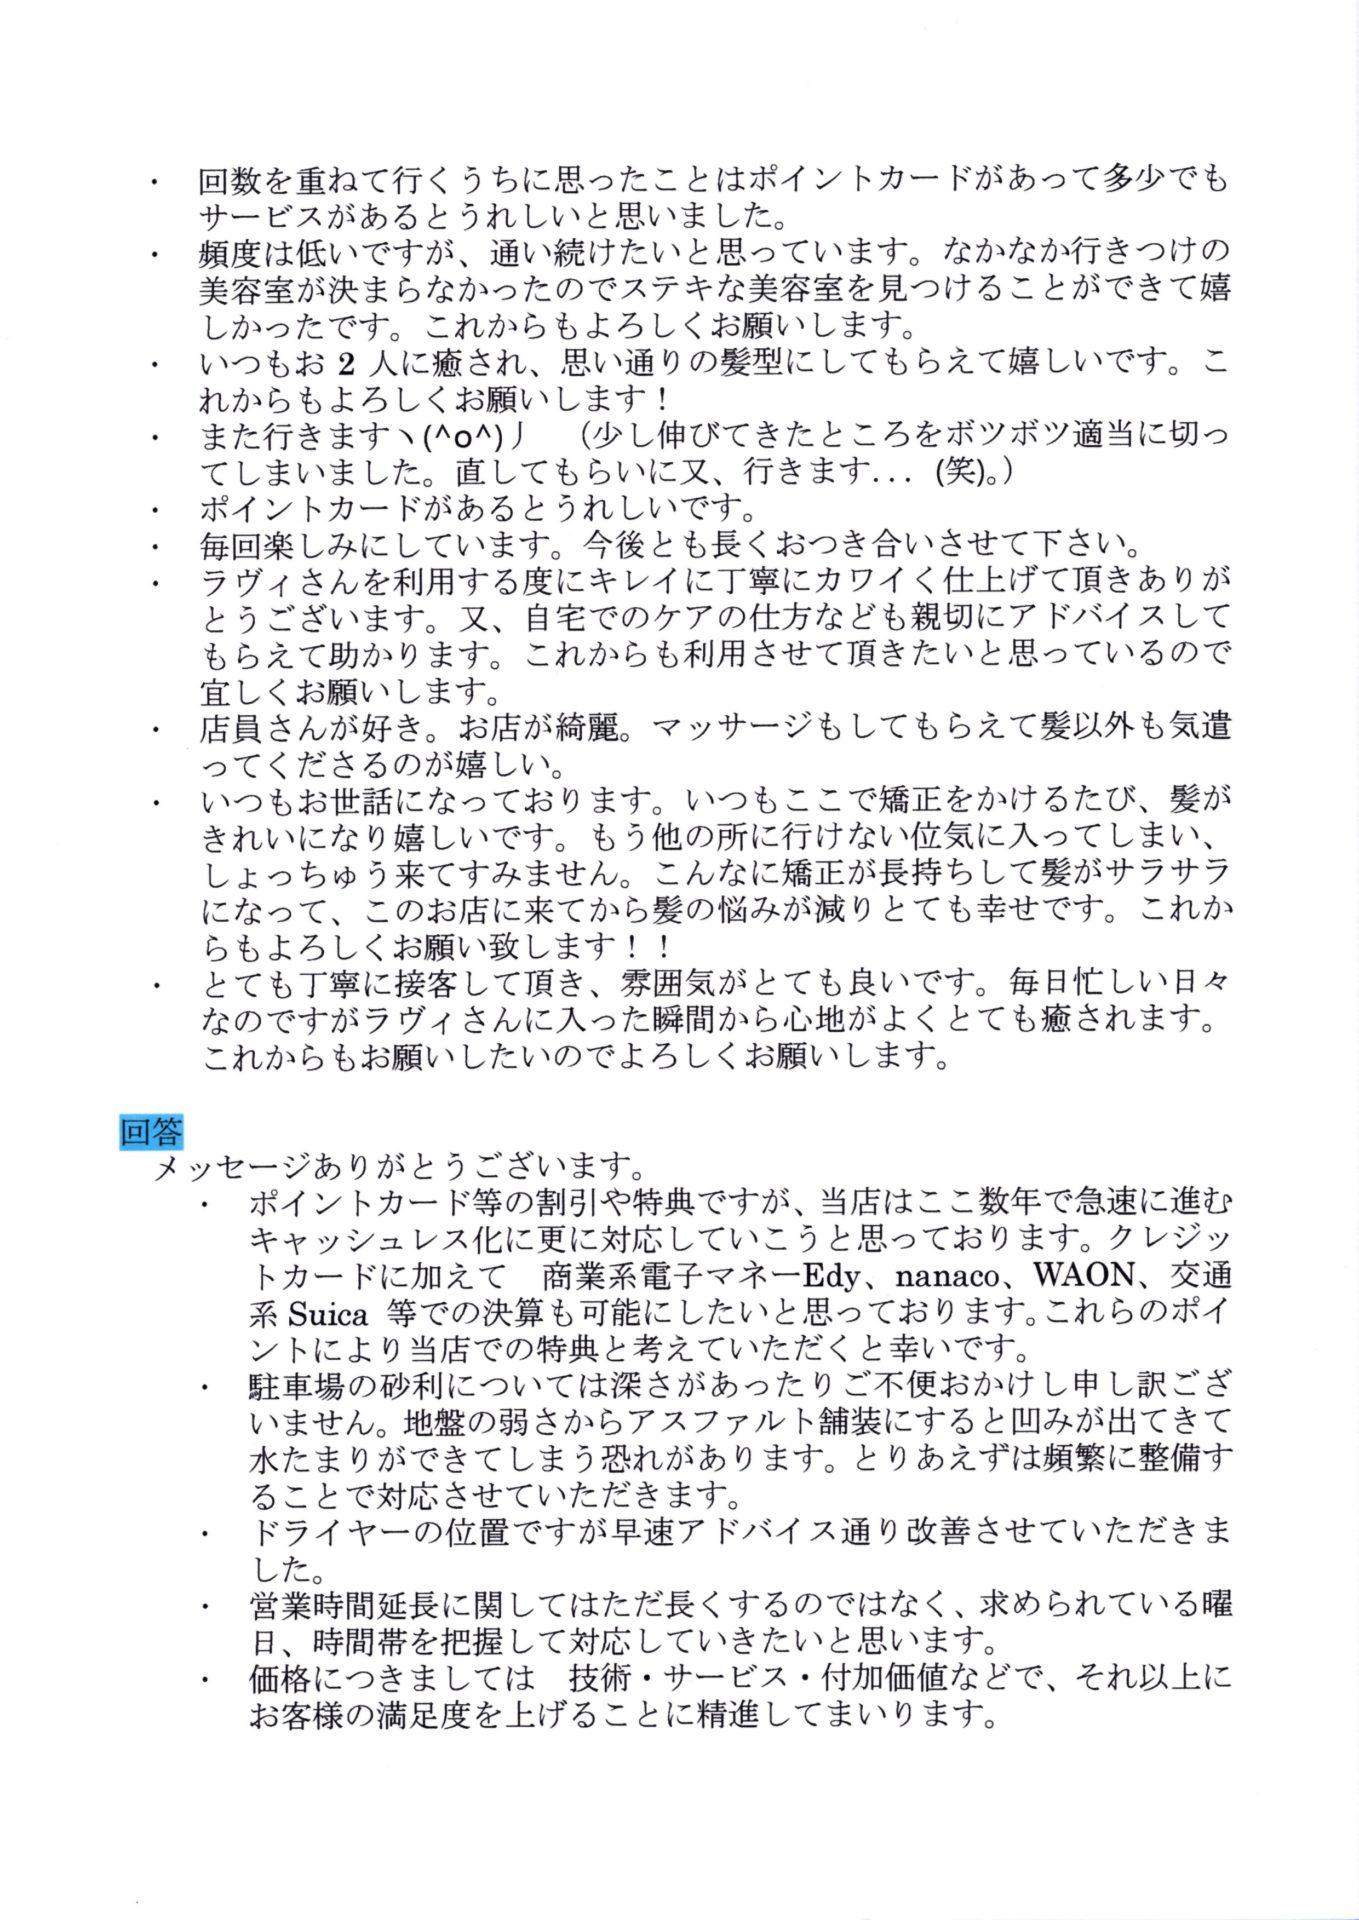 アンケート結果 最終号 6